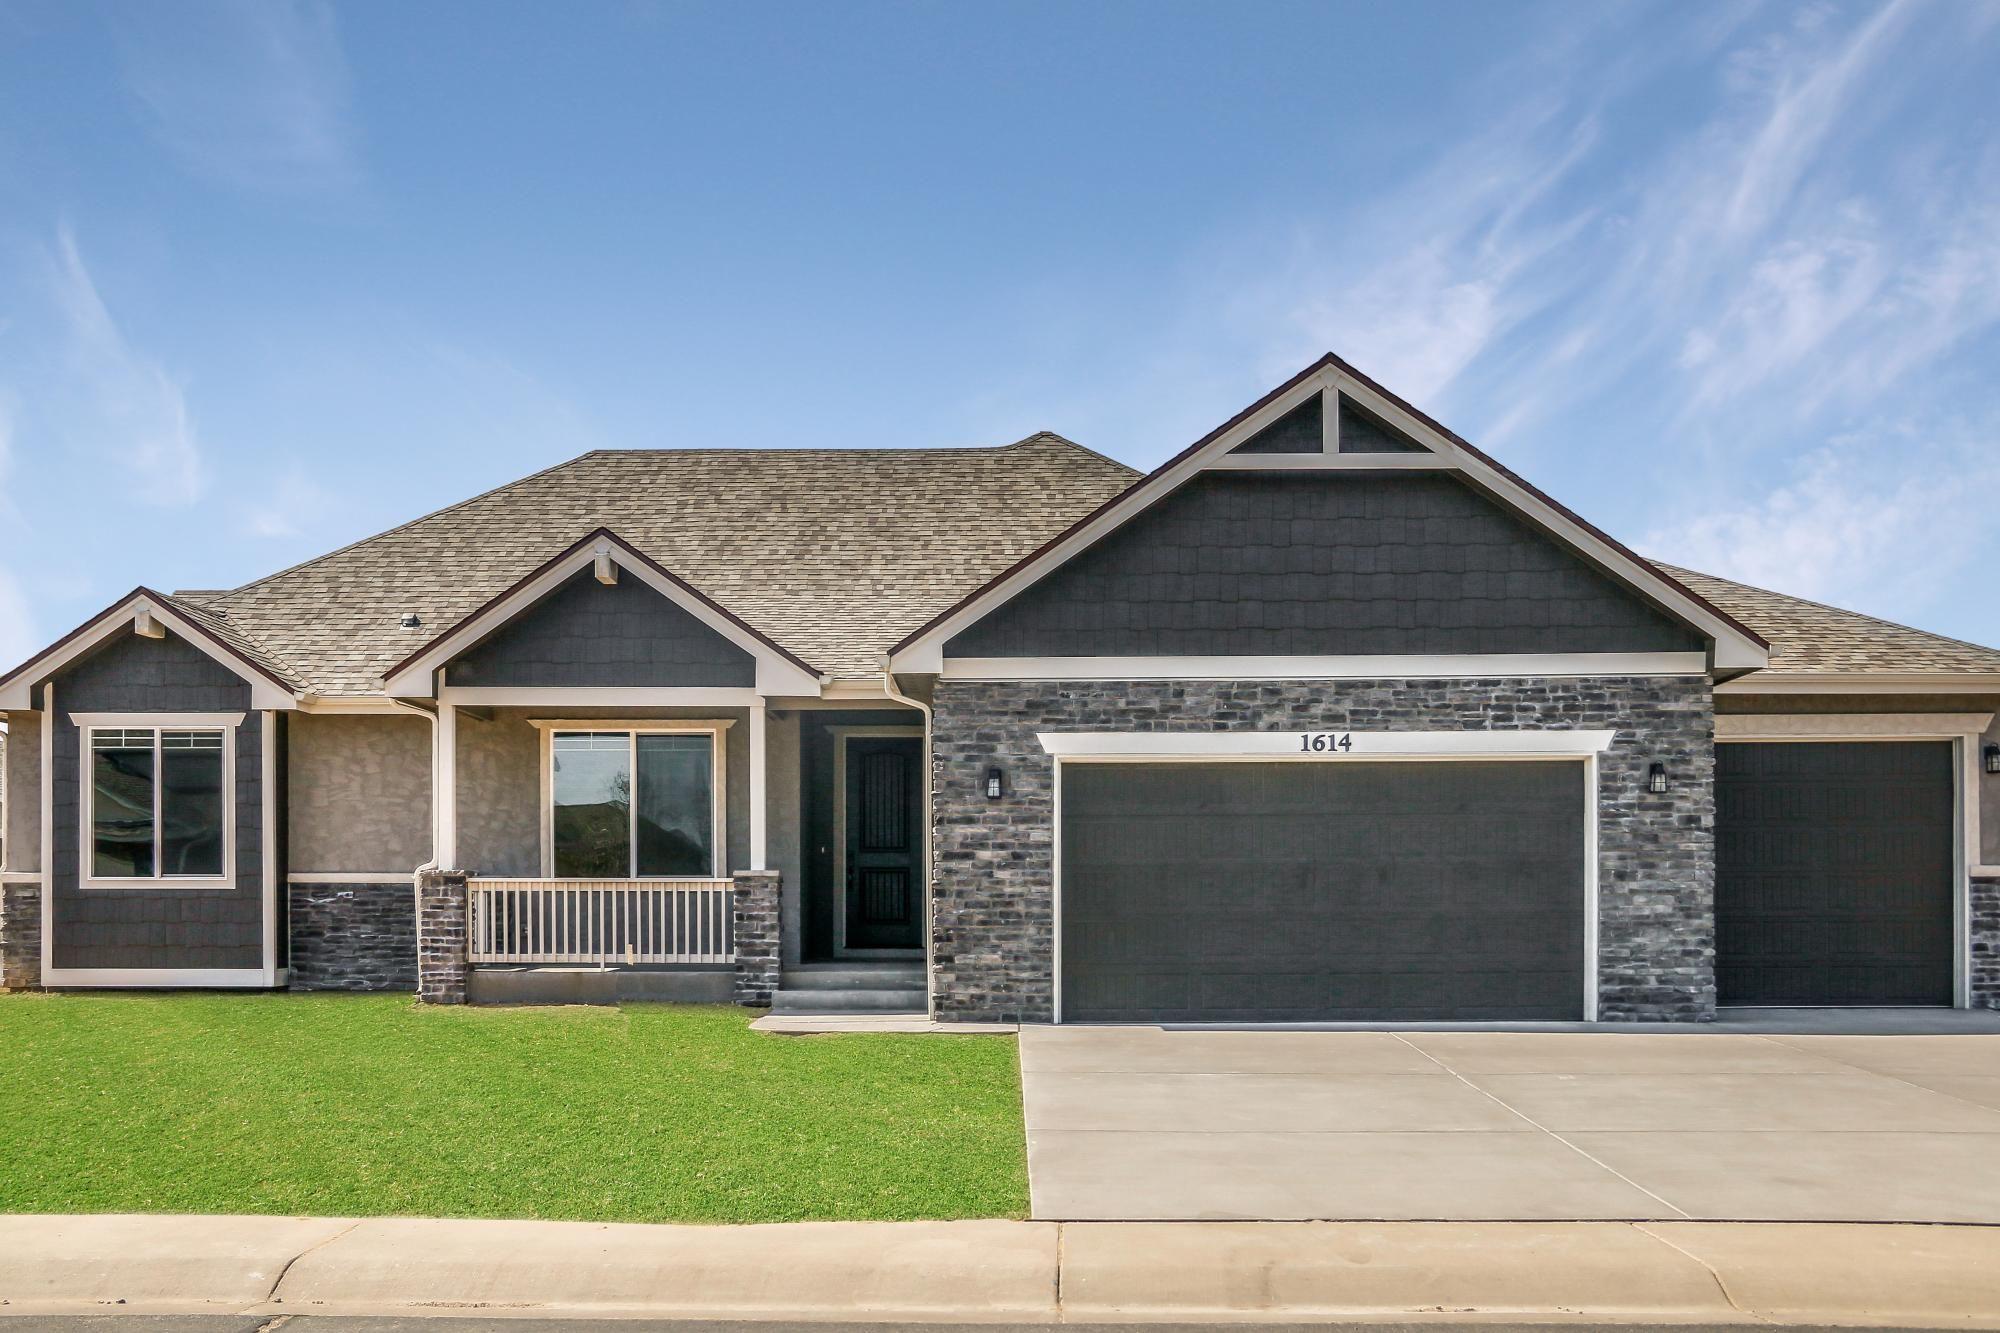 Home Design Exciting Fort Collins Home Builders Baessler Garage Door Design Exterior House Colors Residential Garage Doors